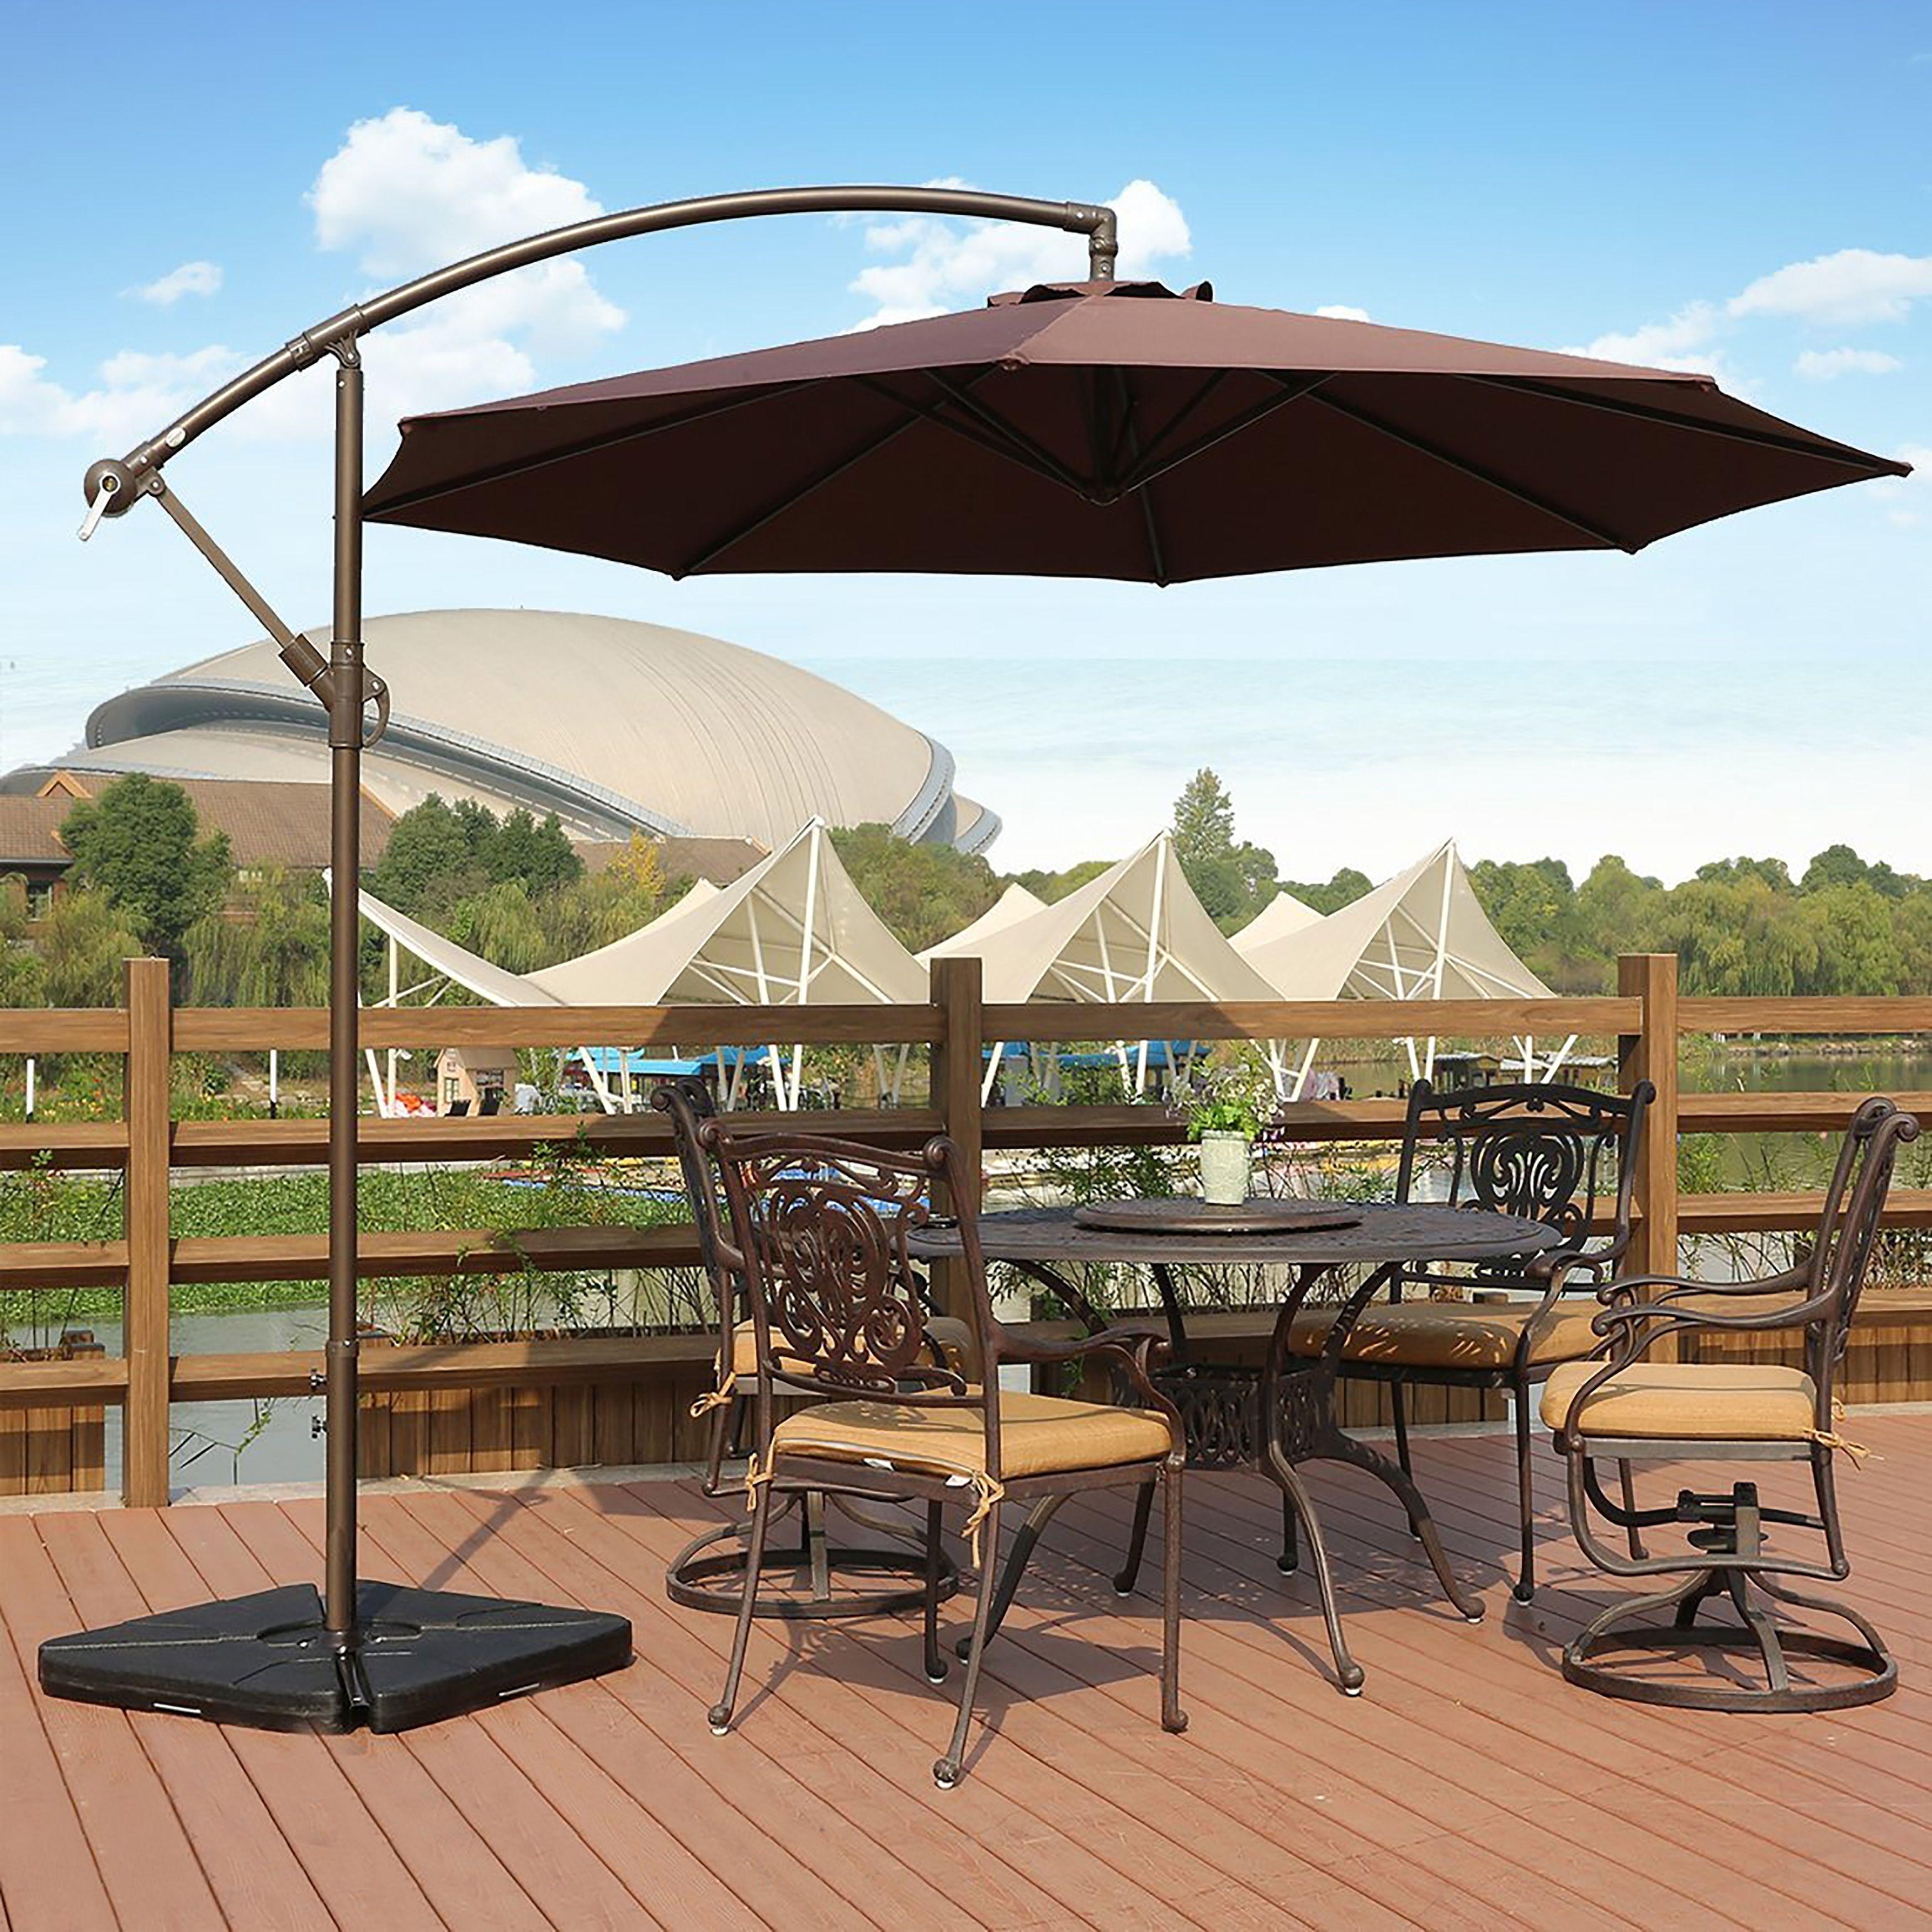 Westin Outdoor Weller 10 Ft Offset Cantilever Hanging Patio Umbrella (Coffee (Brown)) #9801021 & Westin Outdoor Weller 10 Ft Offset Cantilever Hanging Patio Umbrella ...